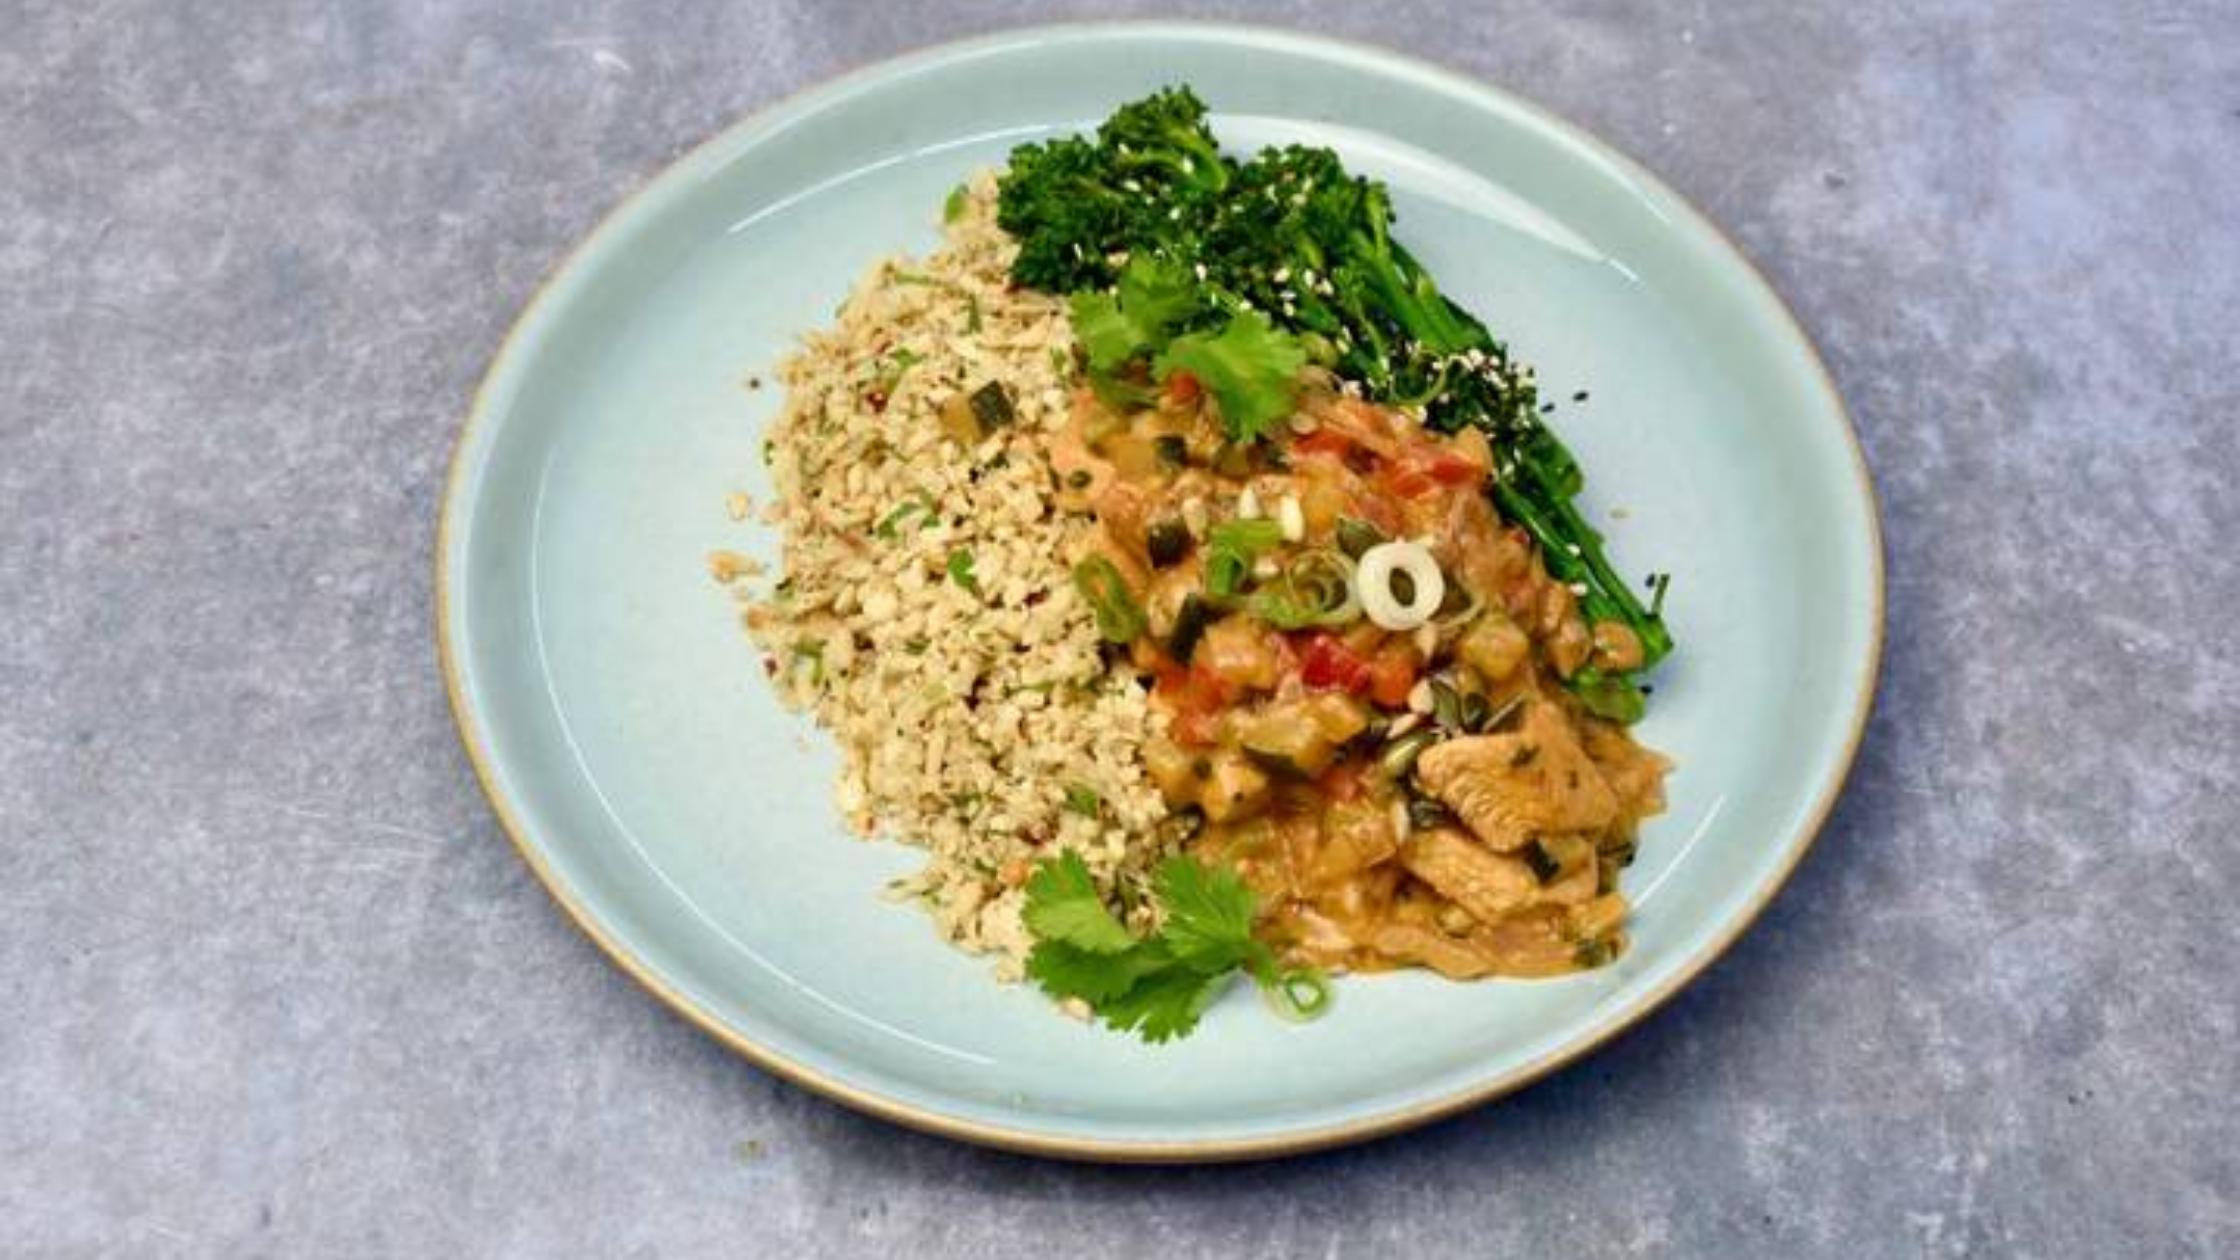 Healthy vegan meal from Macro Foods